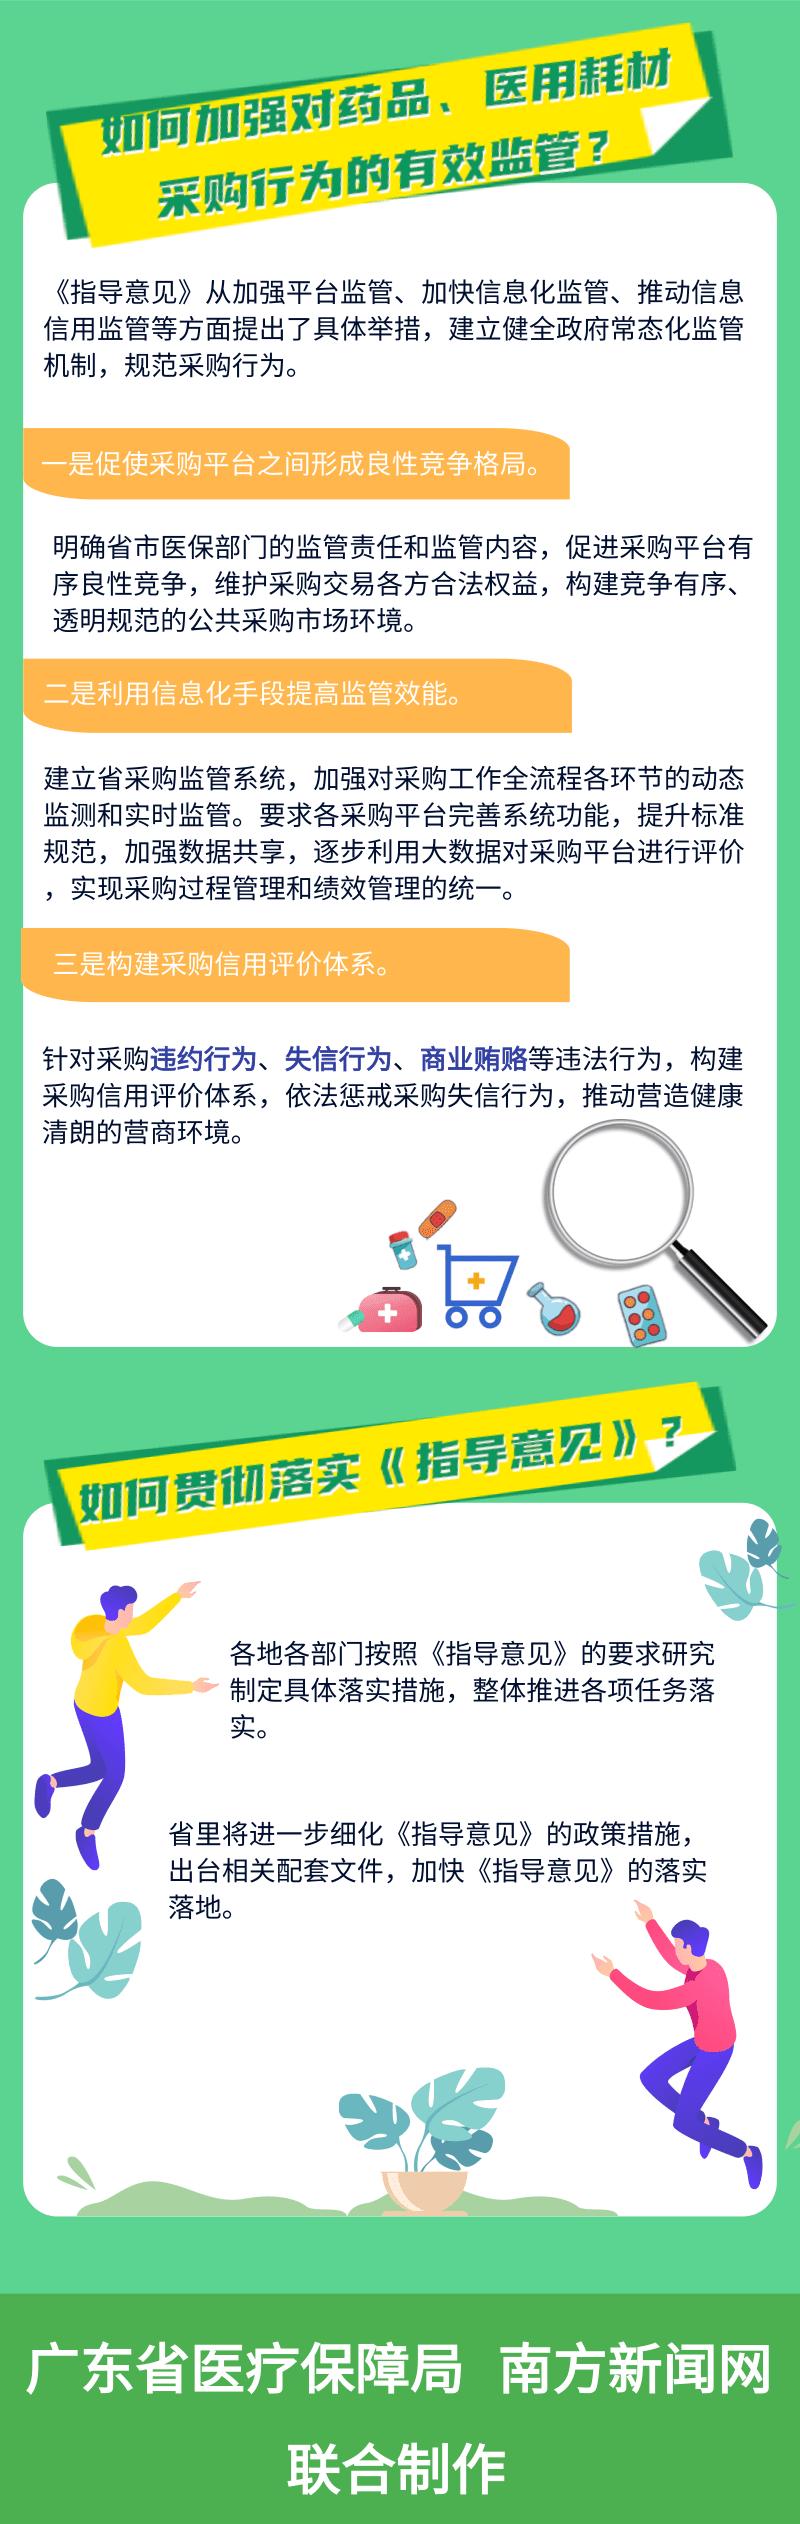 一图读懂关于做好药品和医用耗材采购工作的指导意见2.png